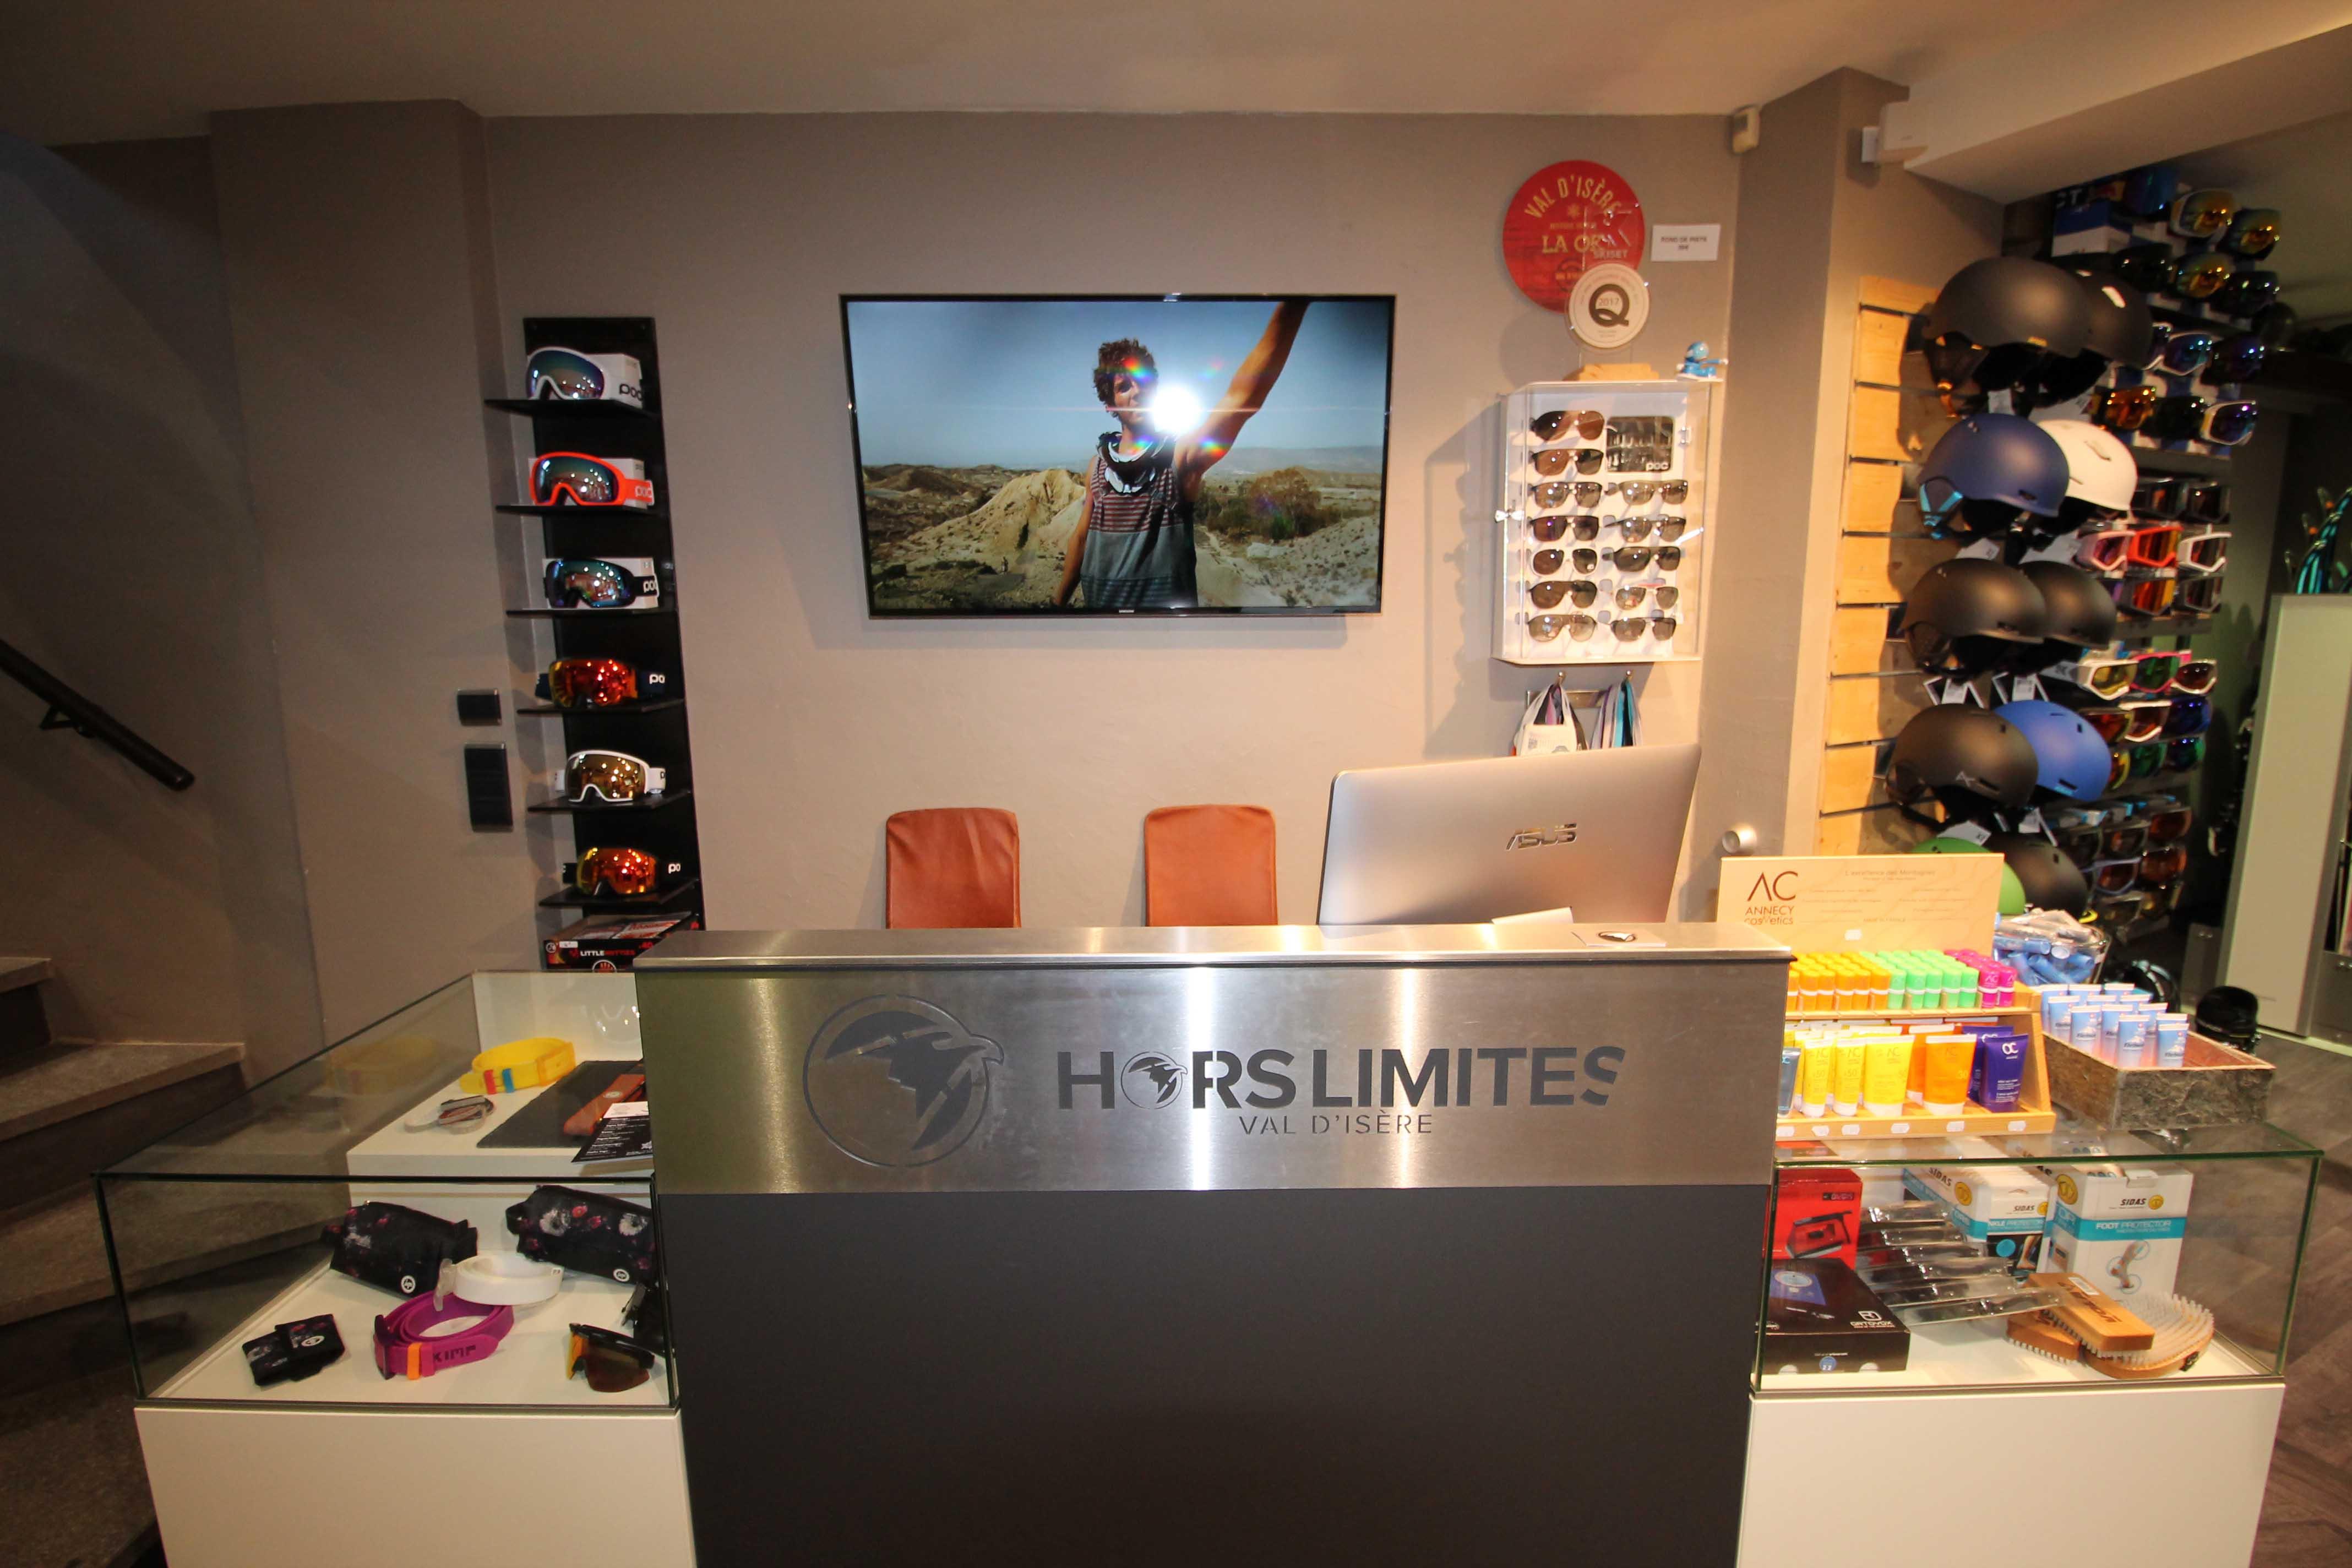 ShopHorsLimite-accueil